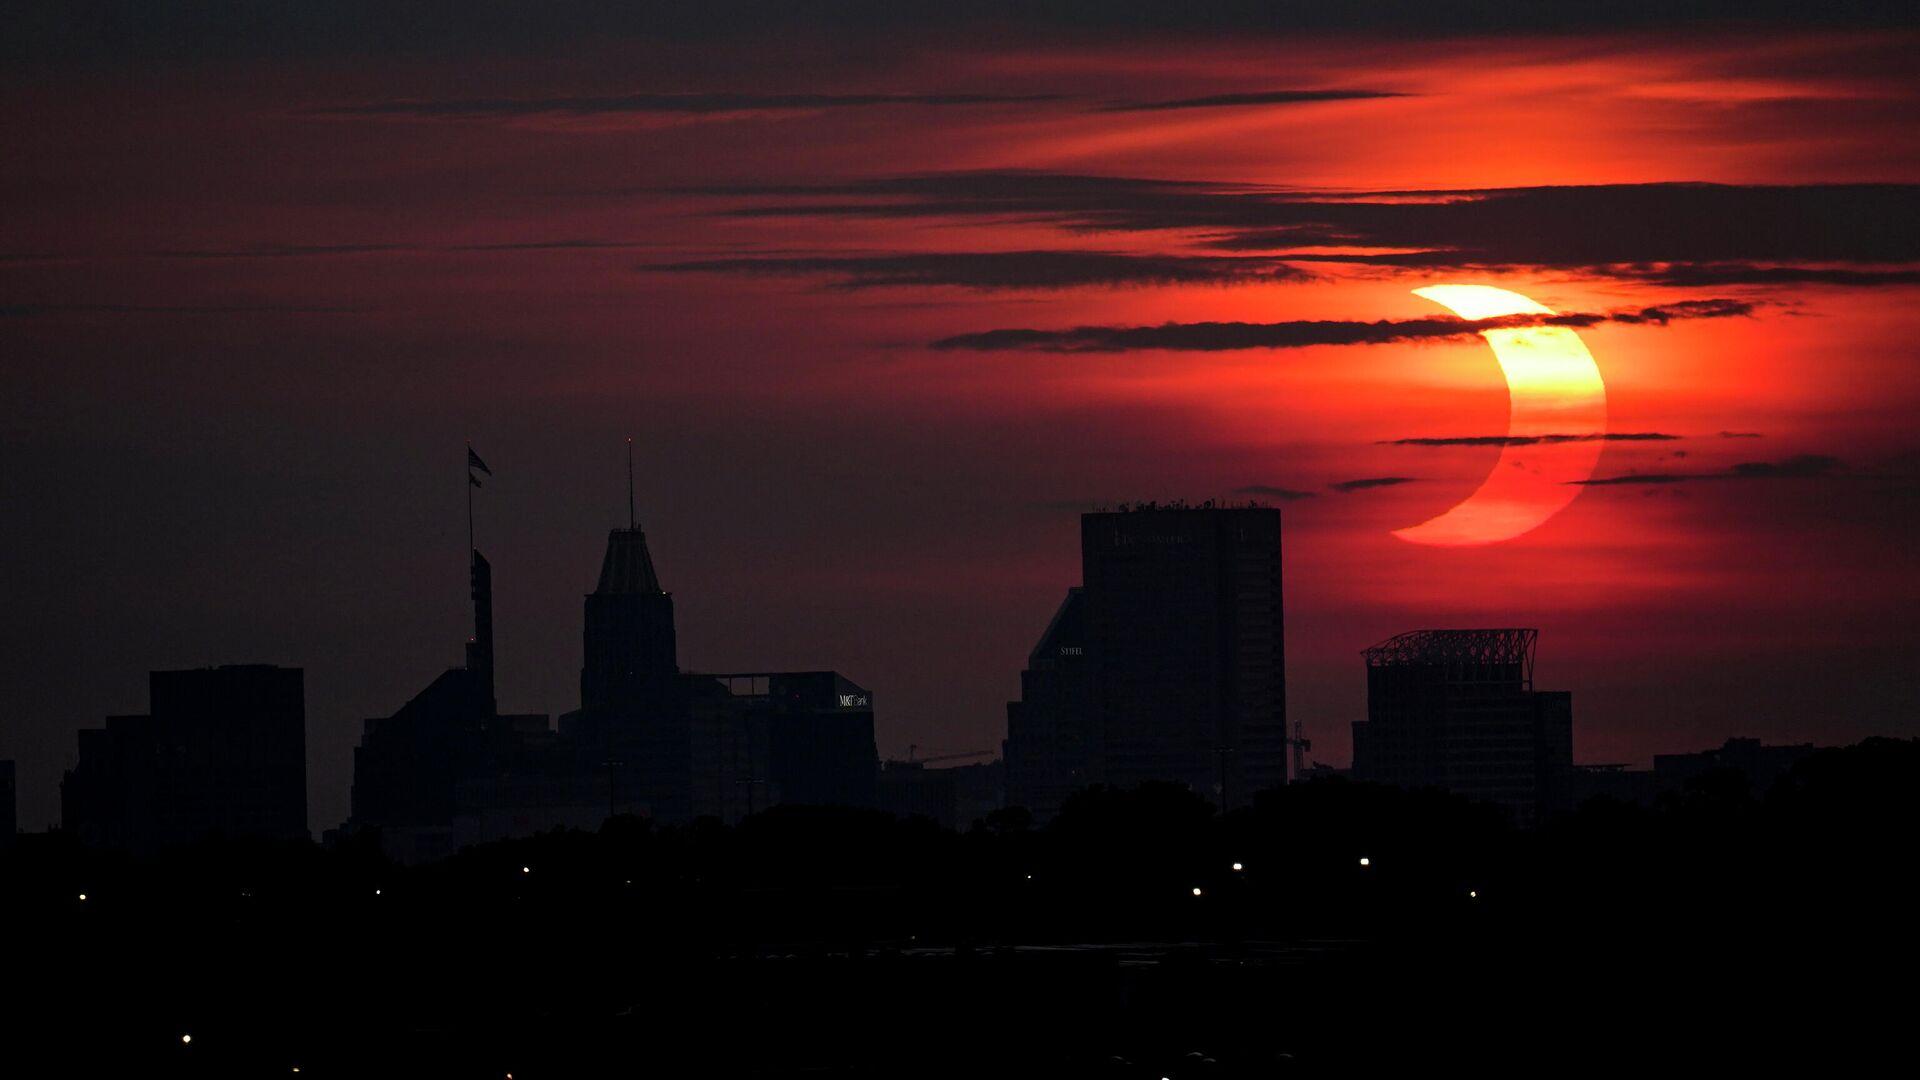 Частичное солнечное затмение в округе Балтимор, Мэриленд, США. 10 июня 2021 года - РИА Новости, 1920, 01.08.2021